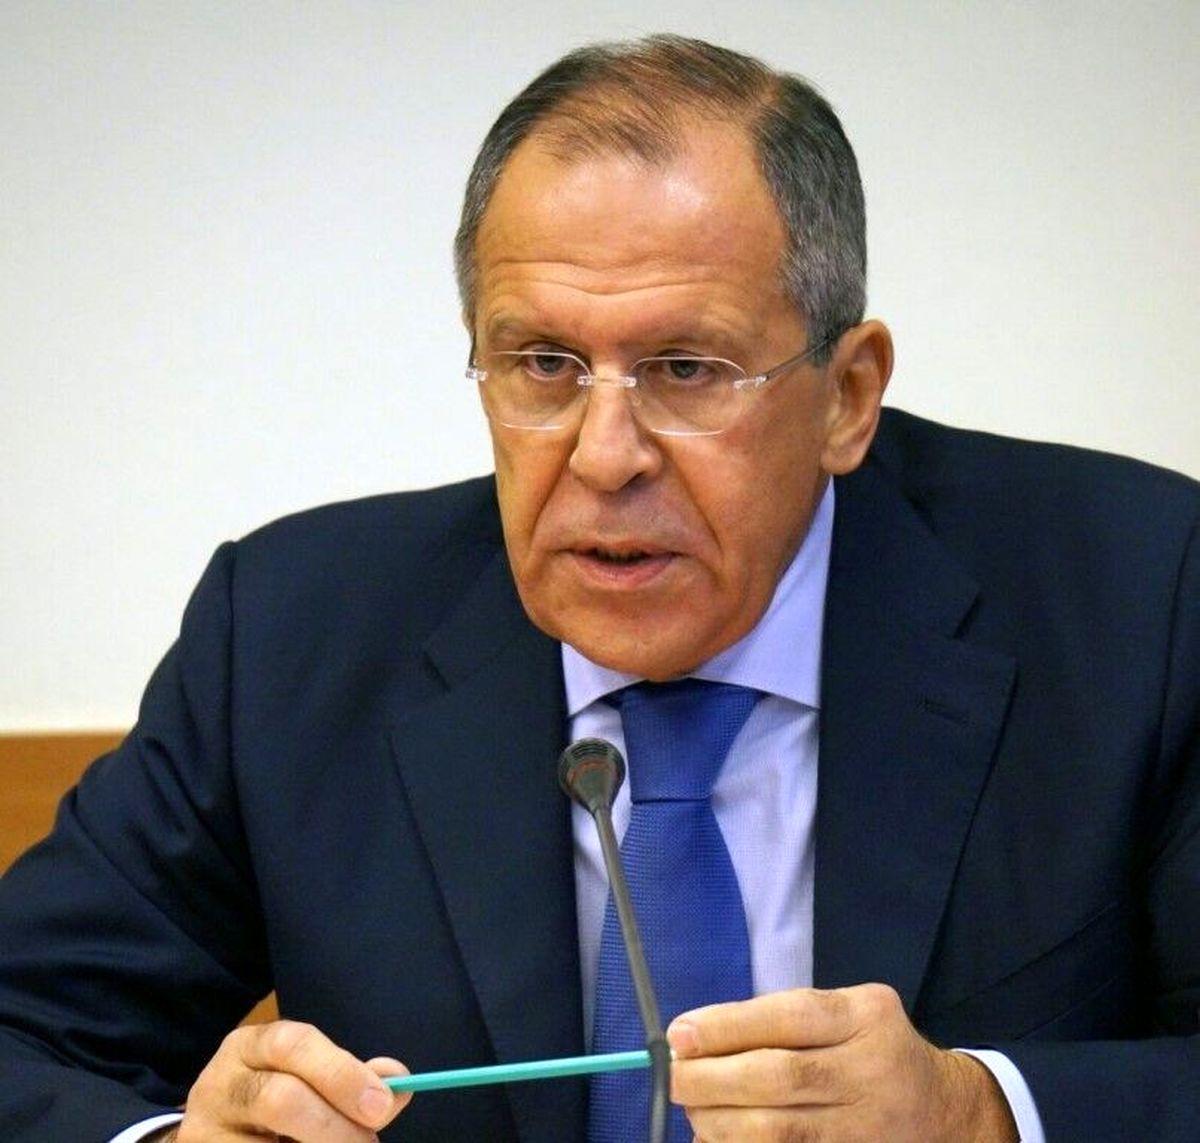 لاوروف: روابط روسیه و آمریکا از دوران جنگ سرد بدتر است